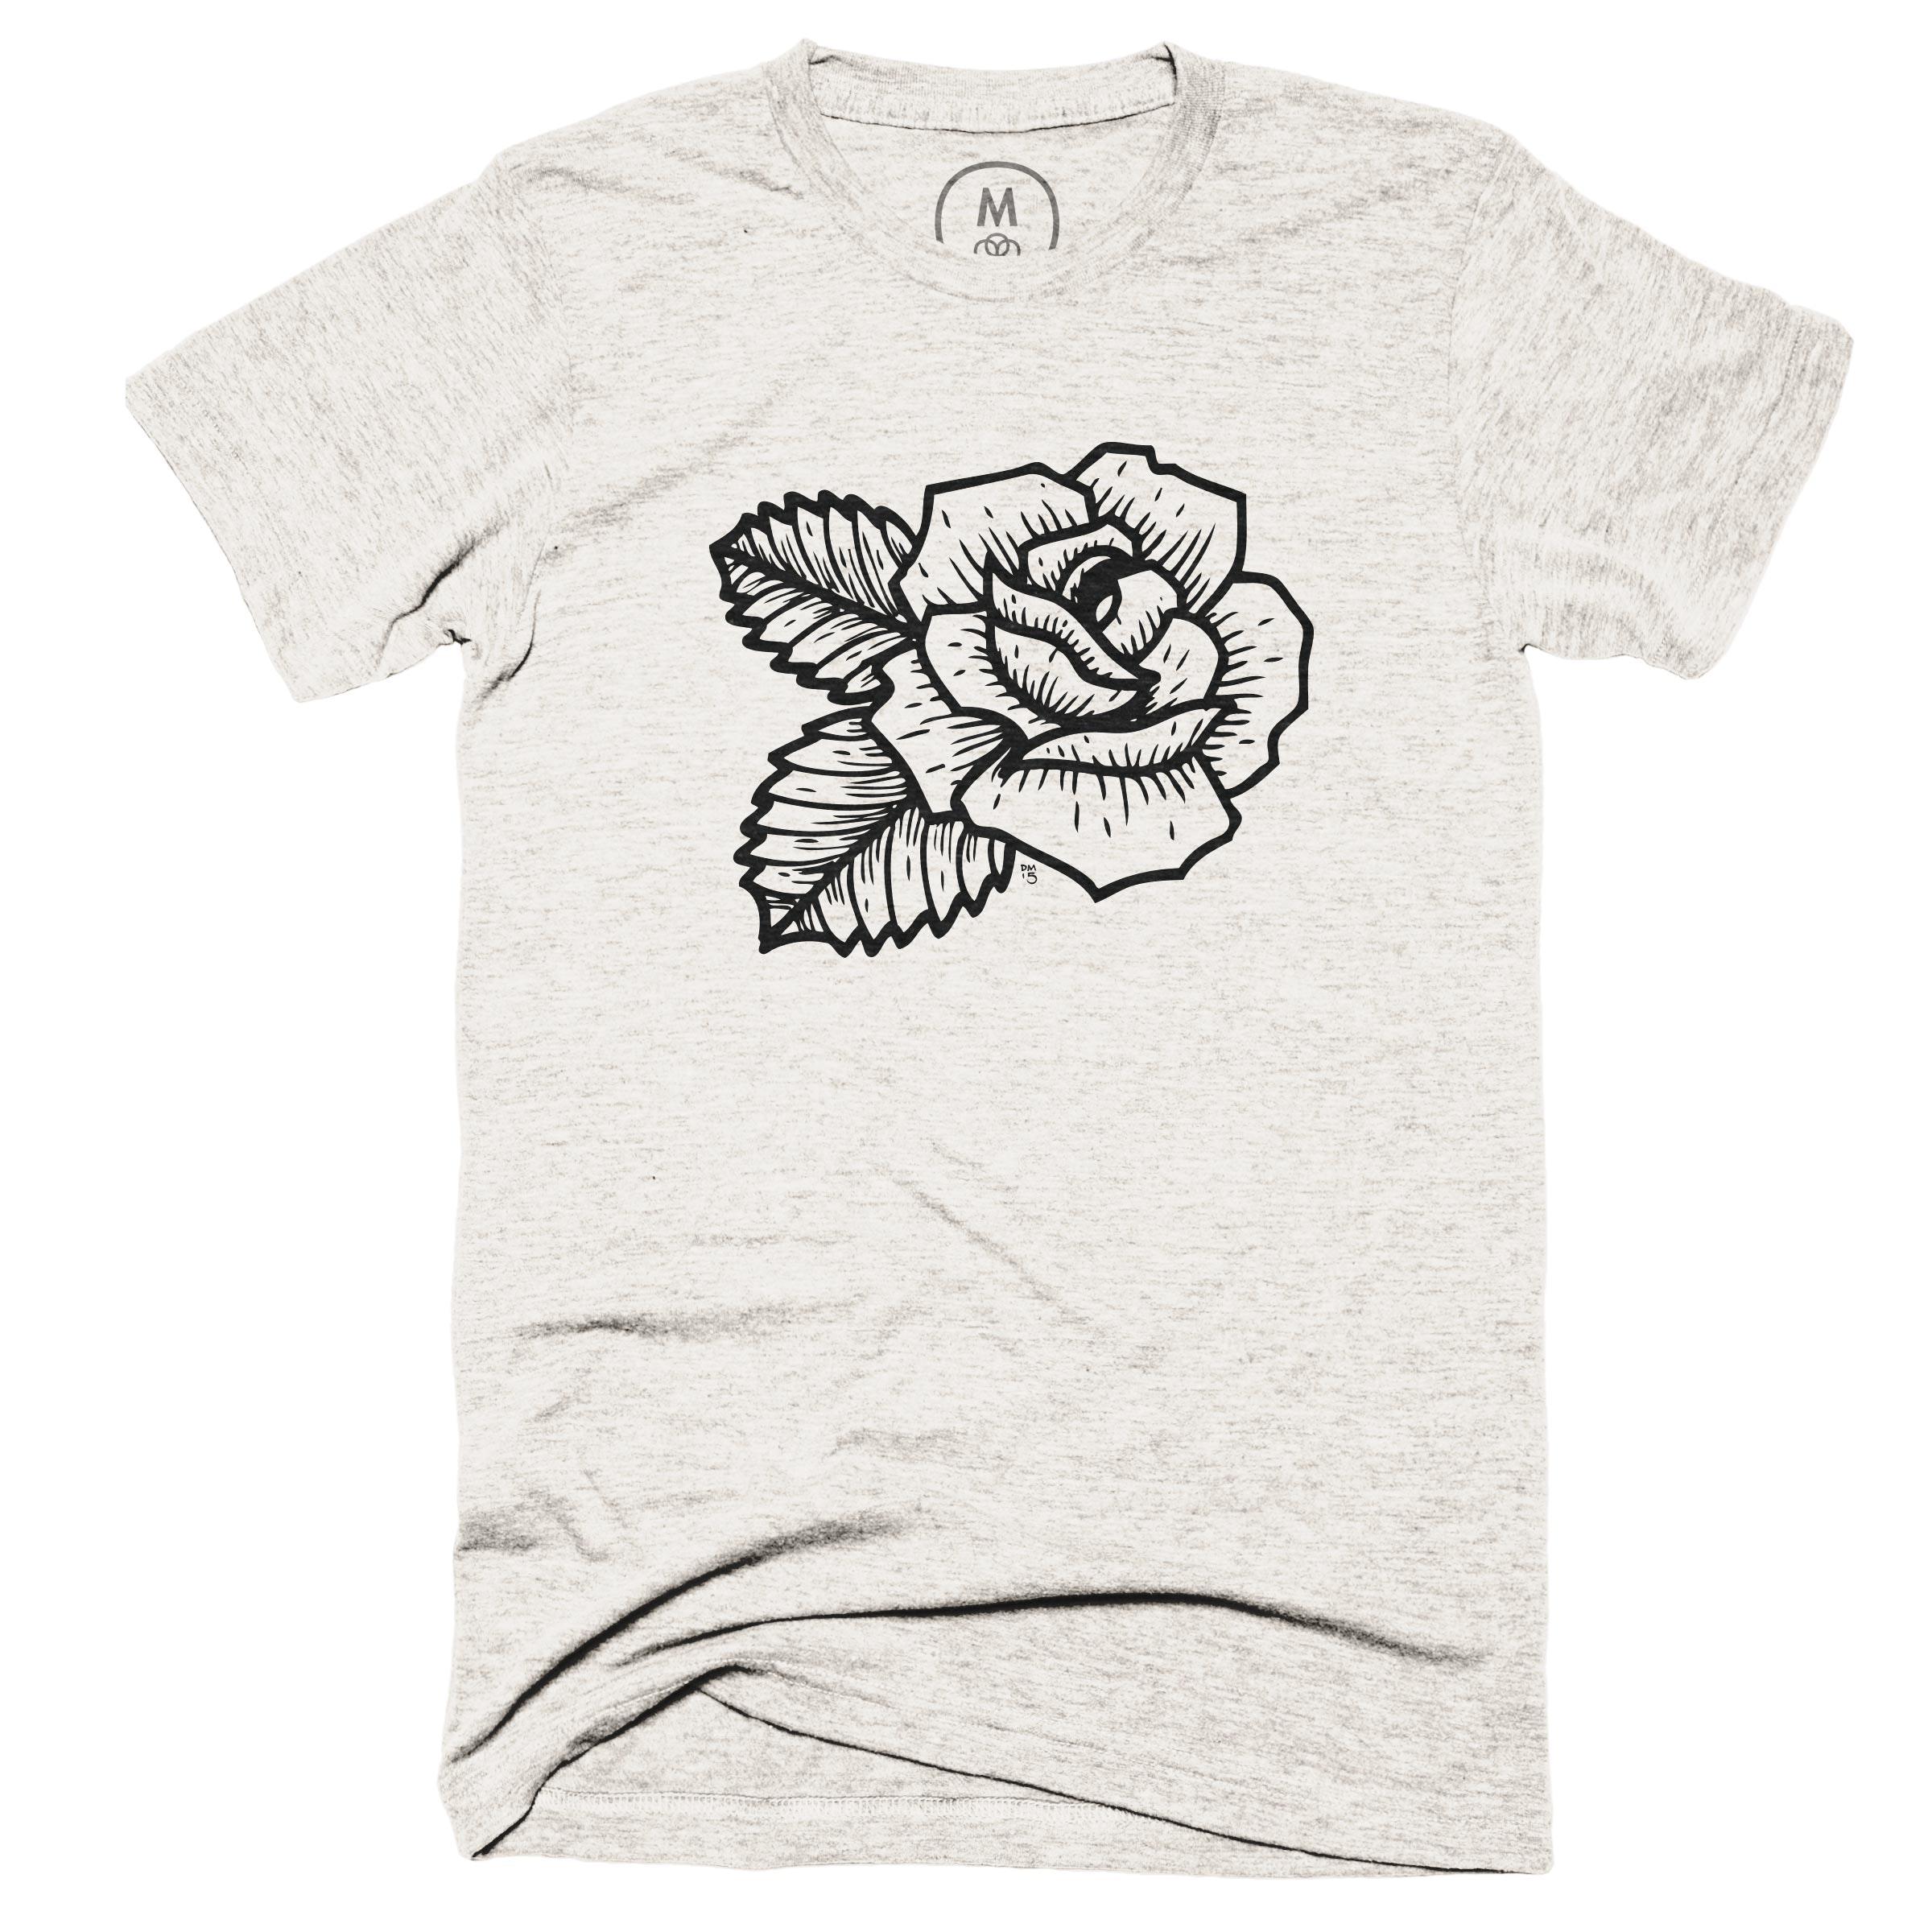 Roses Are Rad...